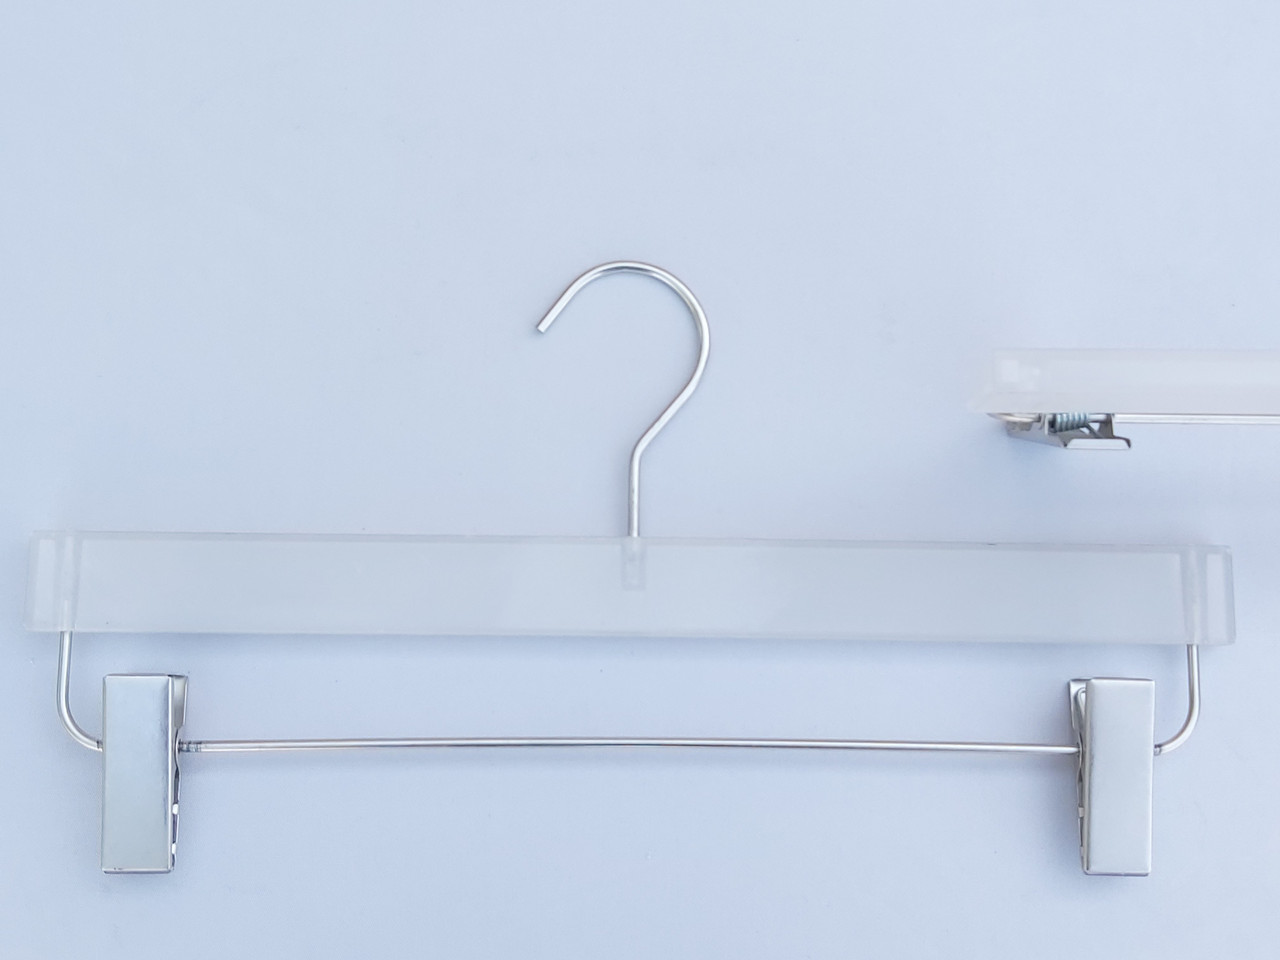 Плечики вешалки комиссионные  б/у матово-прозрачные для брюк и юбок, длина 36 см